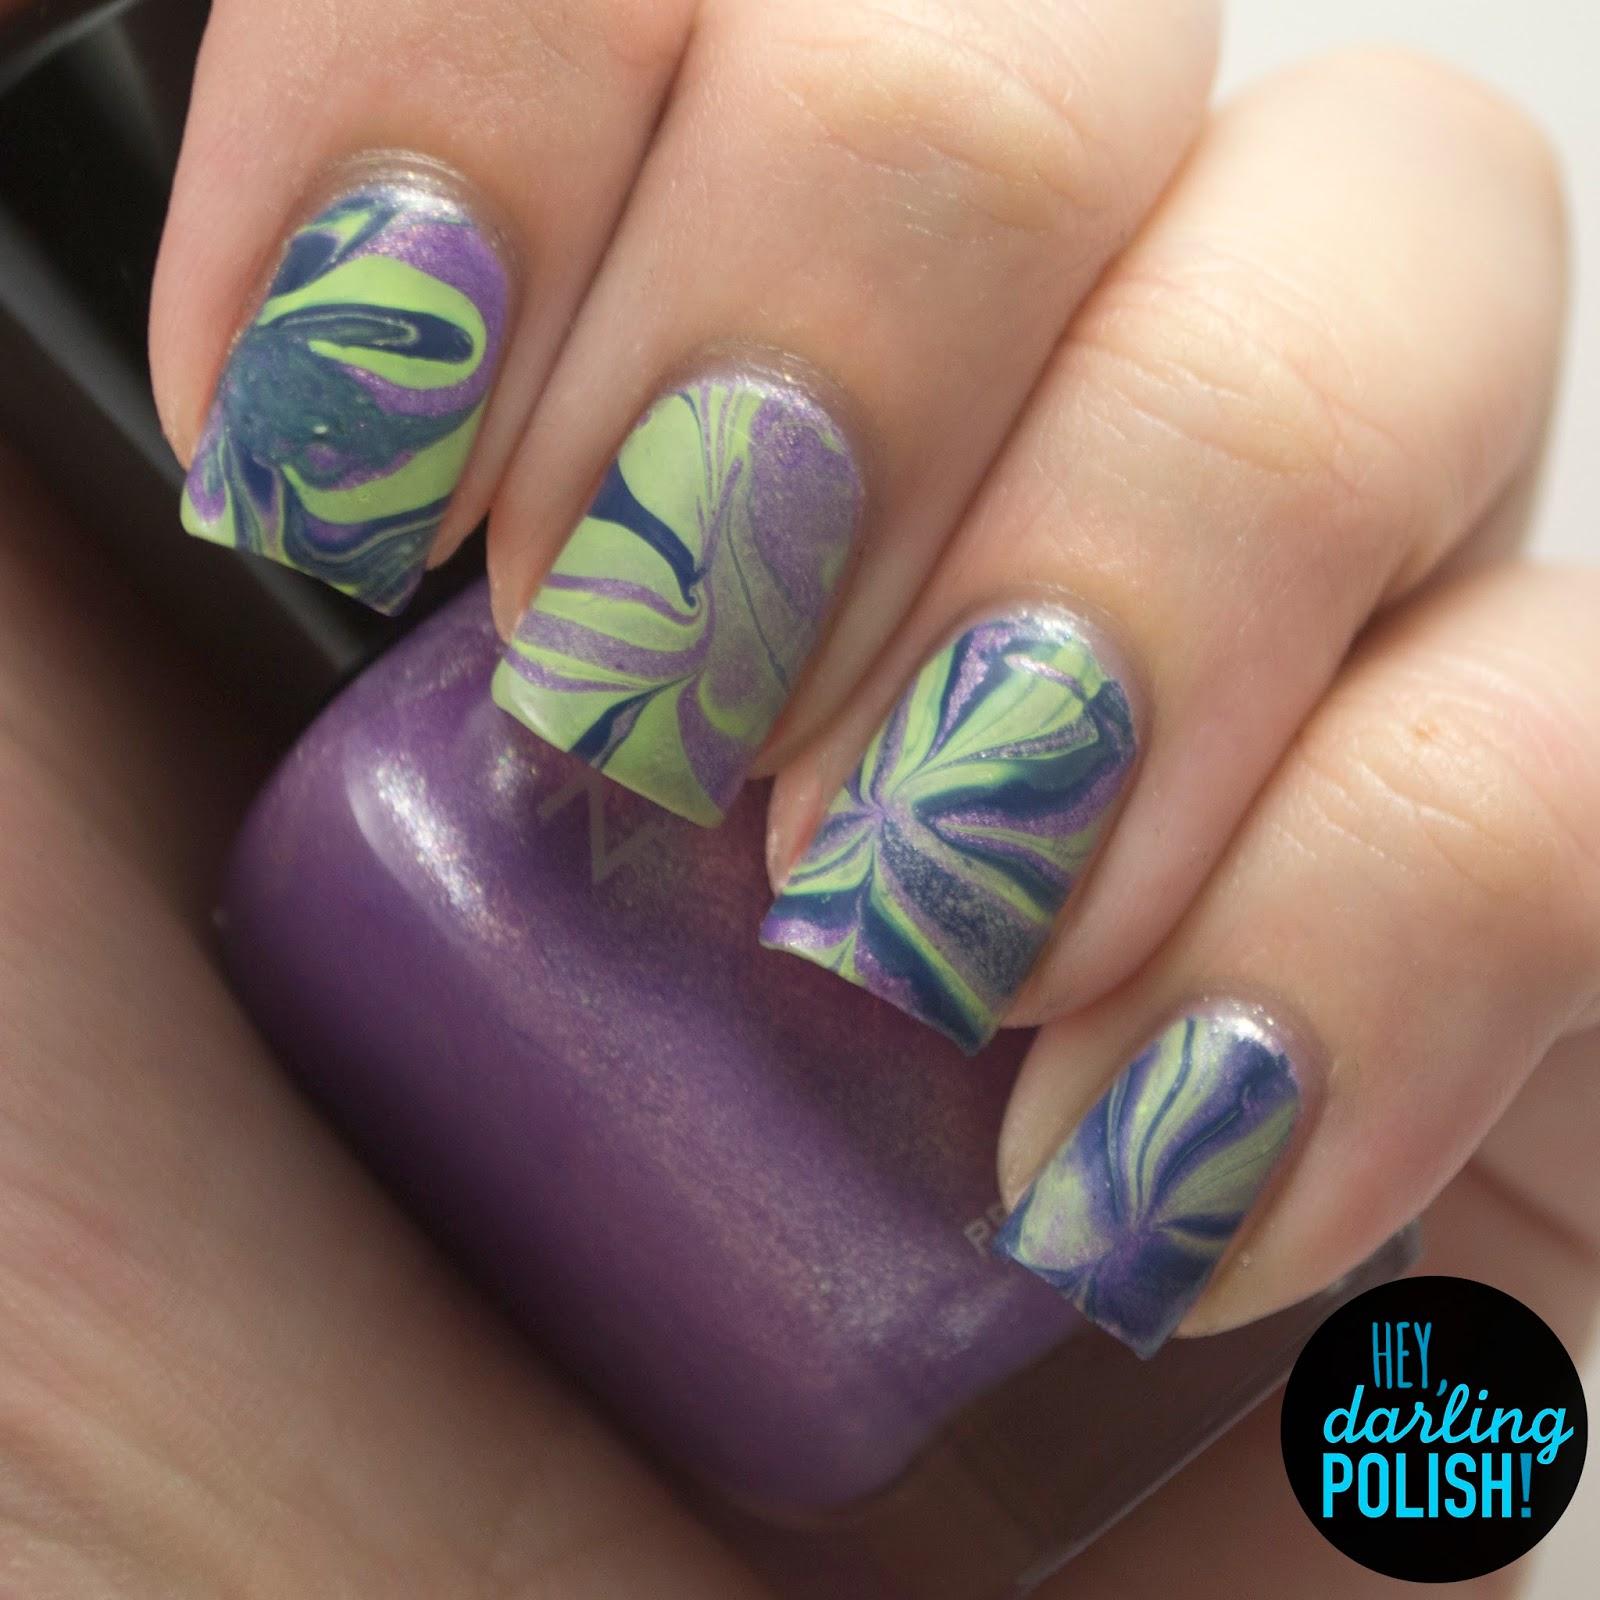 nails, nail art, nail polish, polish, purple, green, blue, watermarble, hey darling polish,